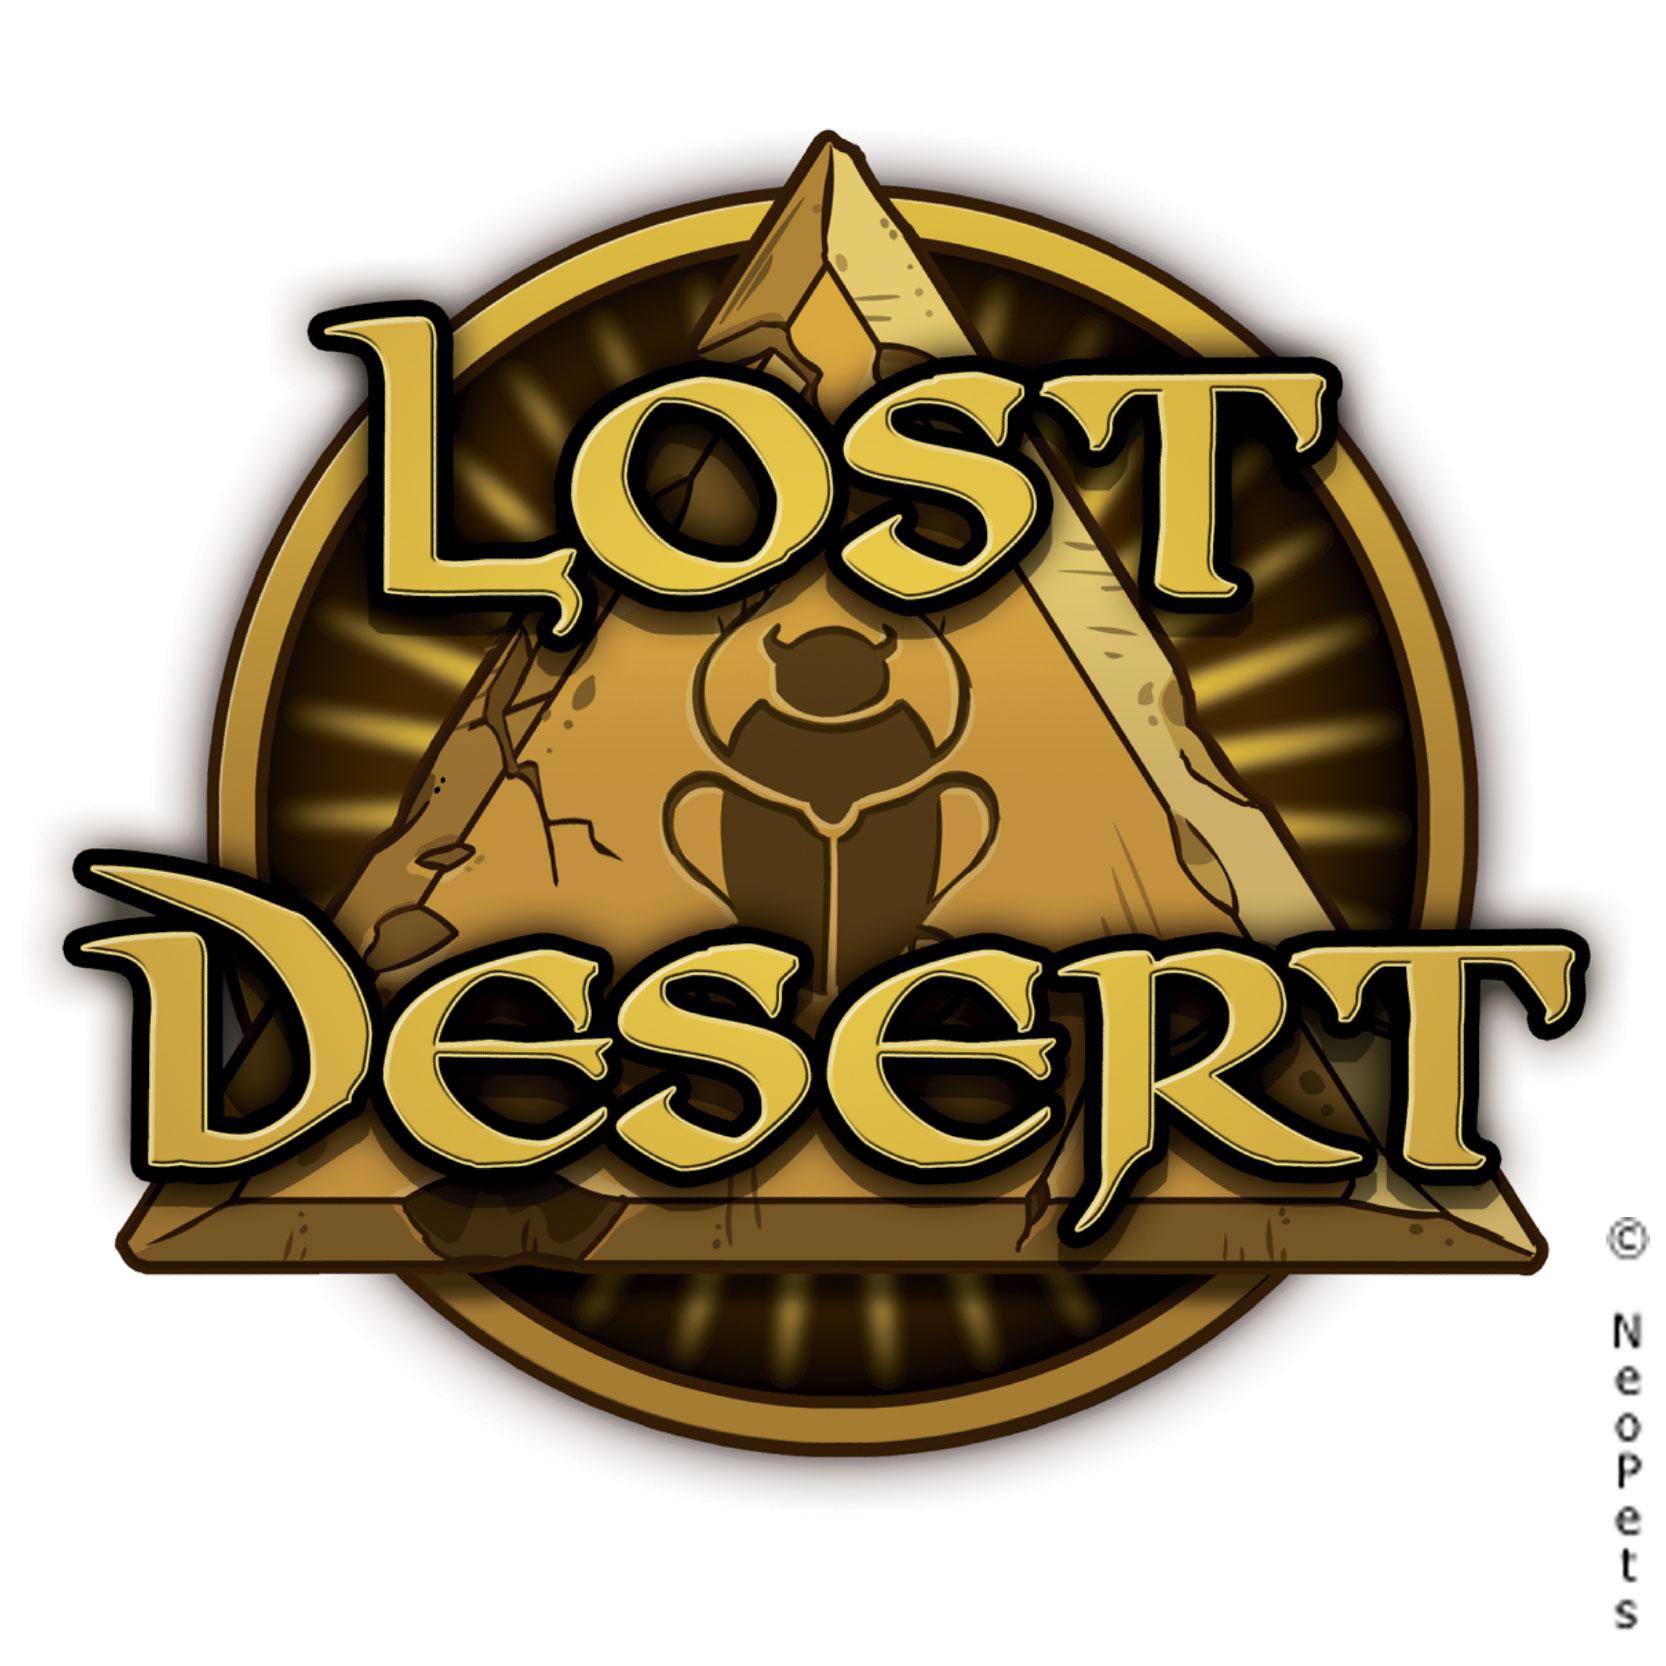 https://images.neopets.com/press/desert_1.jpg